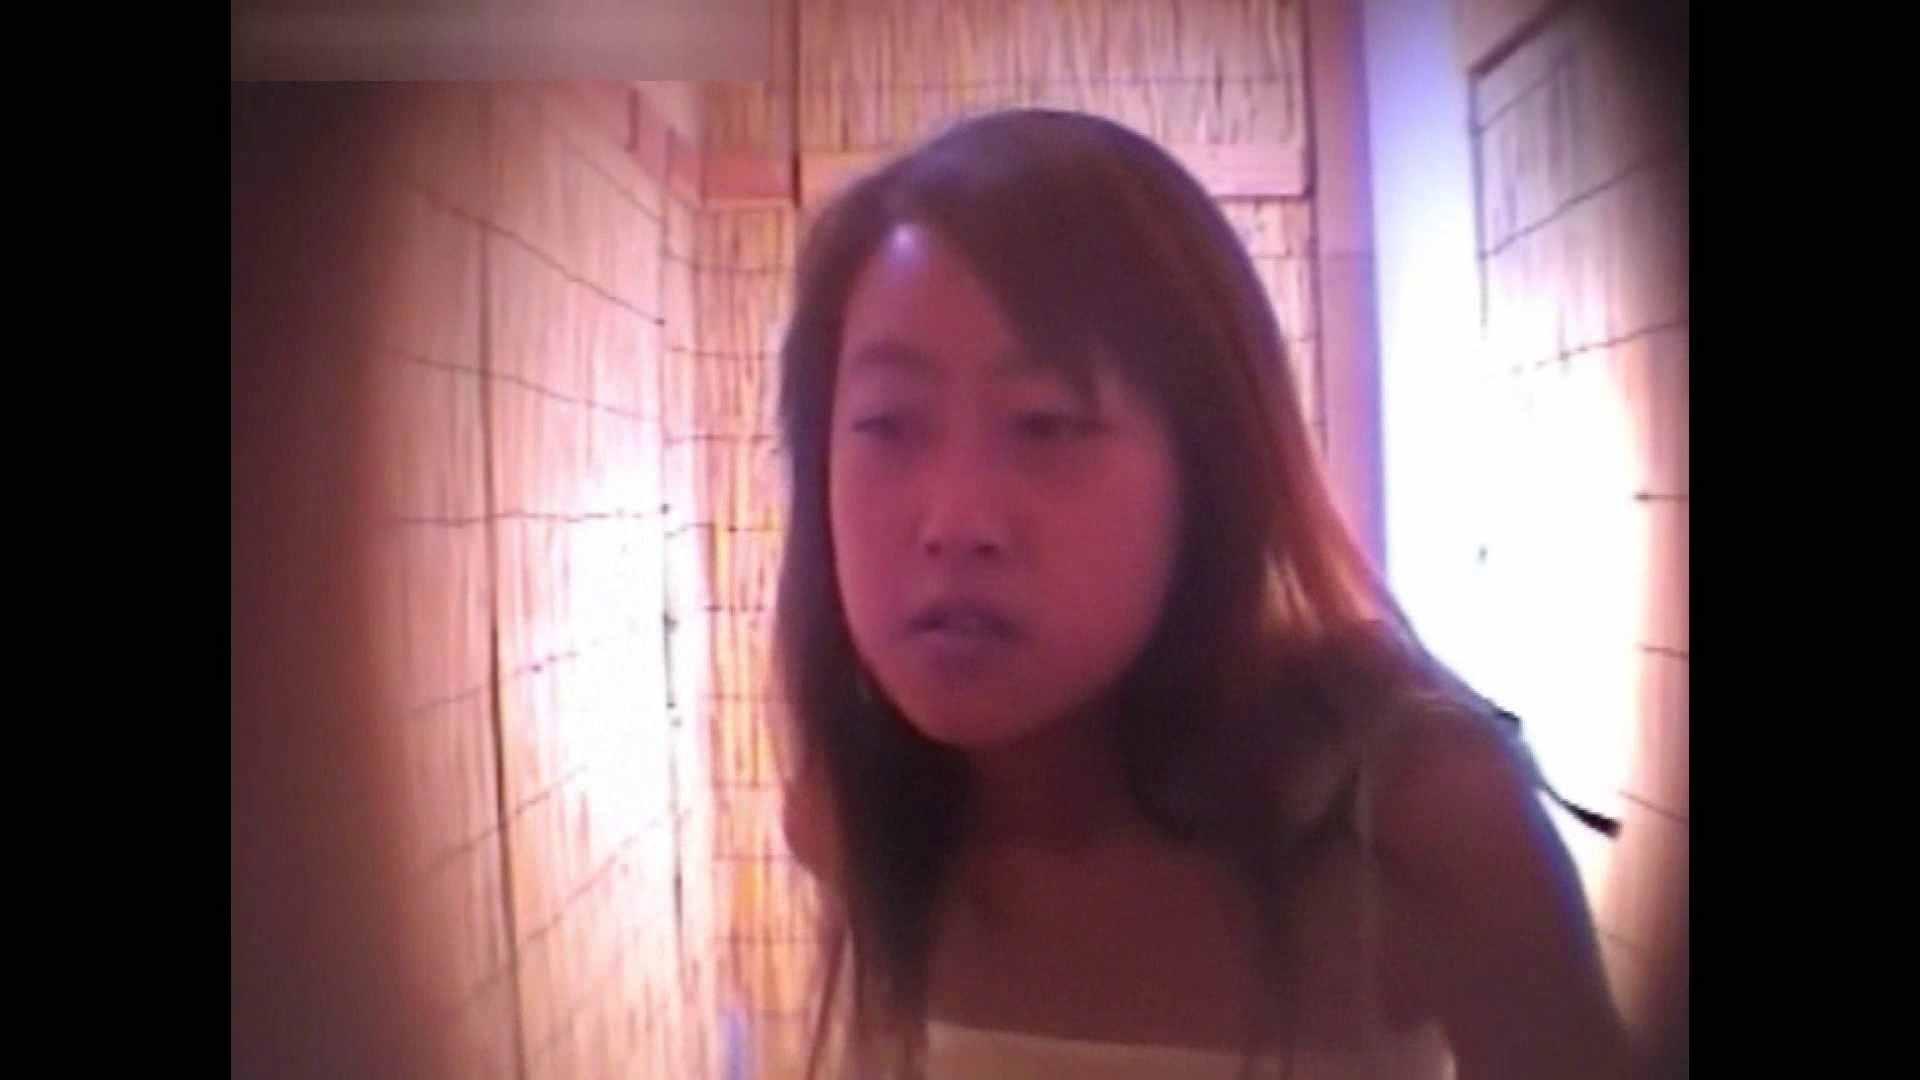 解禁!海の家4カメ洗面所vol.40 ギャルのエロ動画  105PIX 15